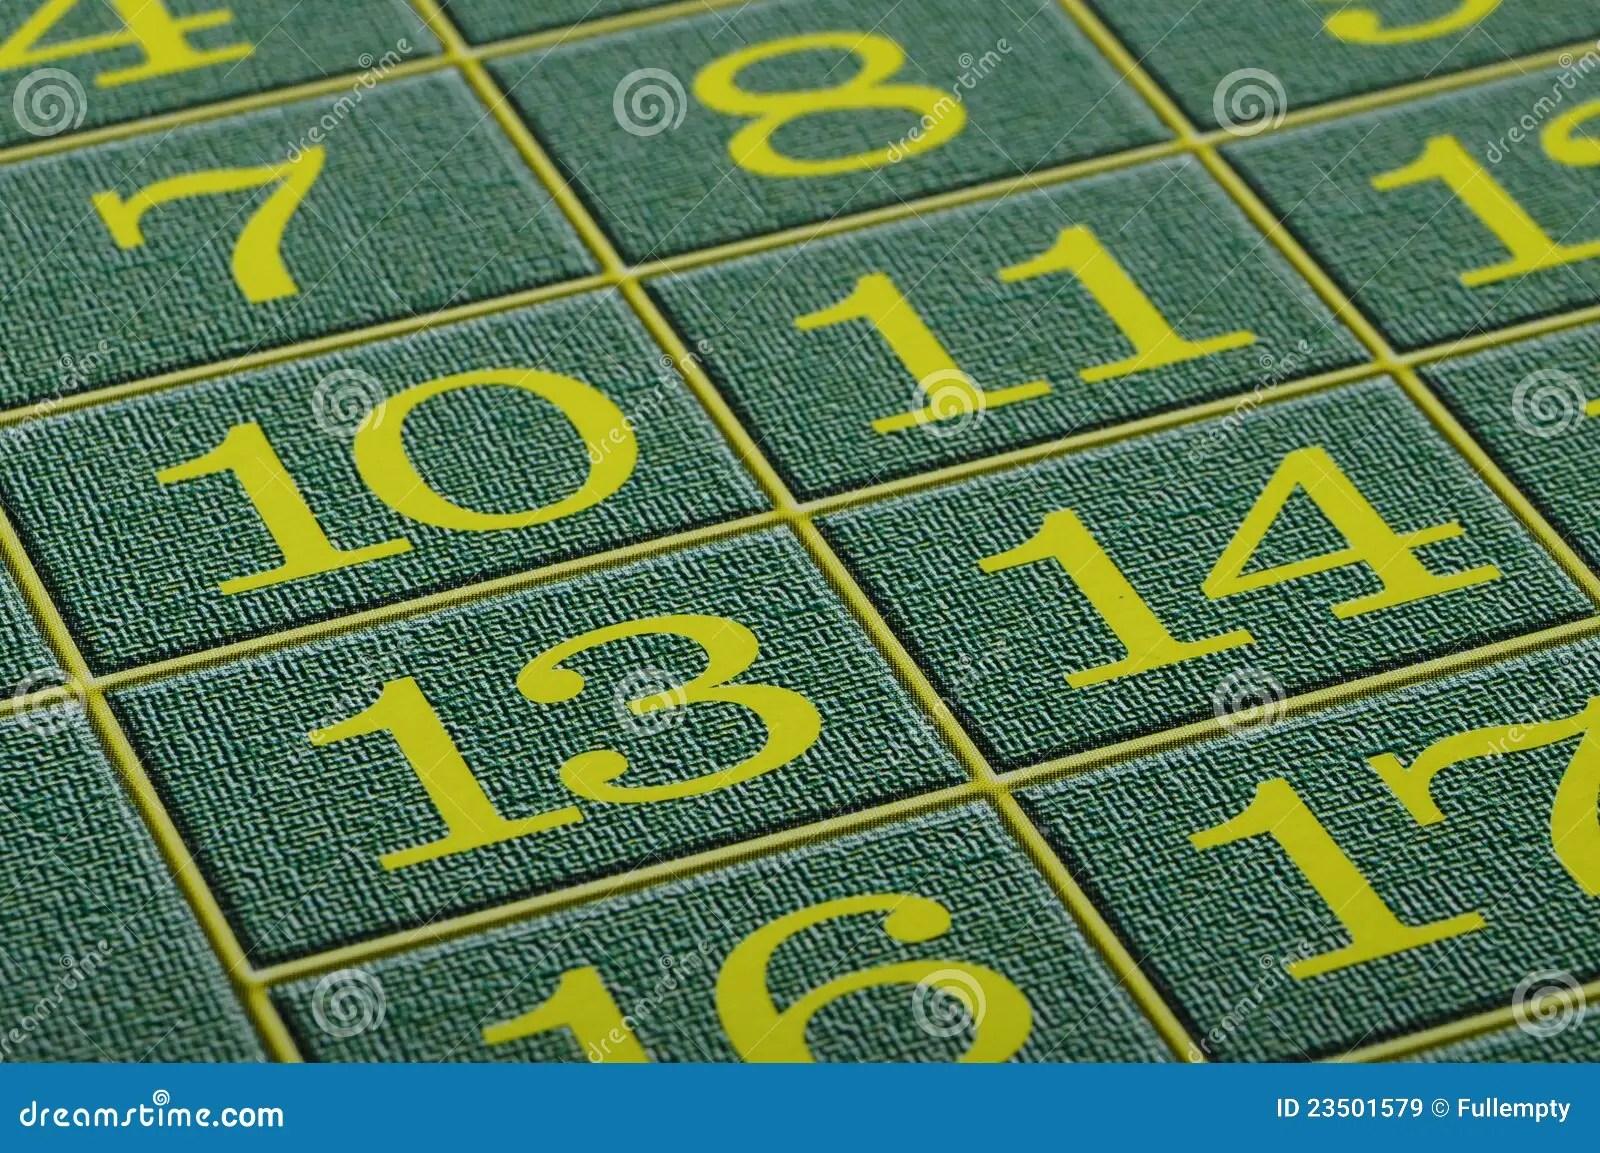 vue proche de tapis vert de roulette de casino image stock image du roulette argent 23501579